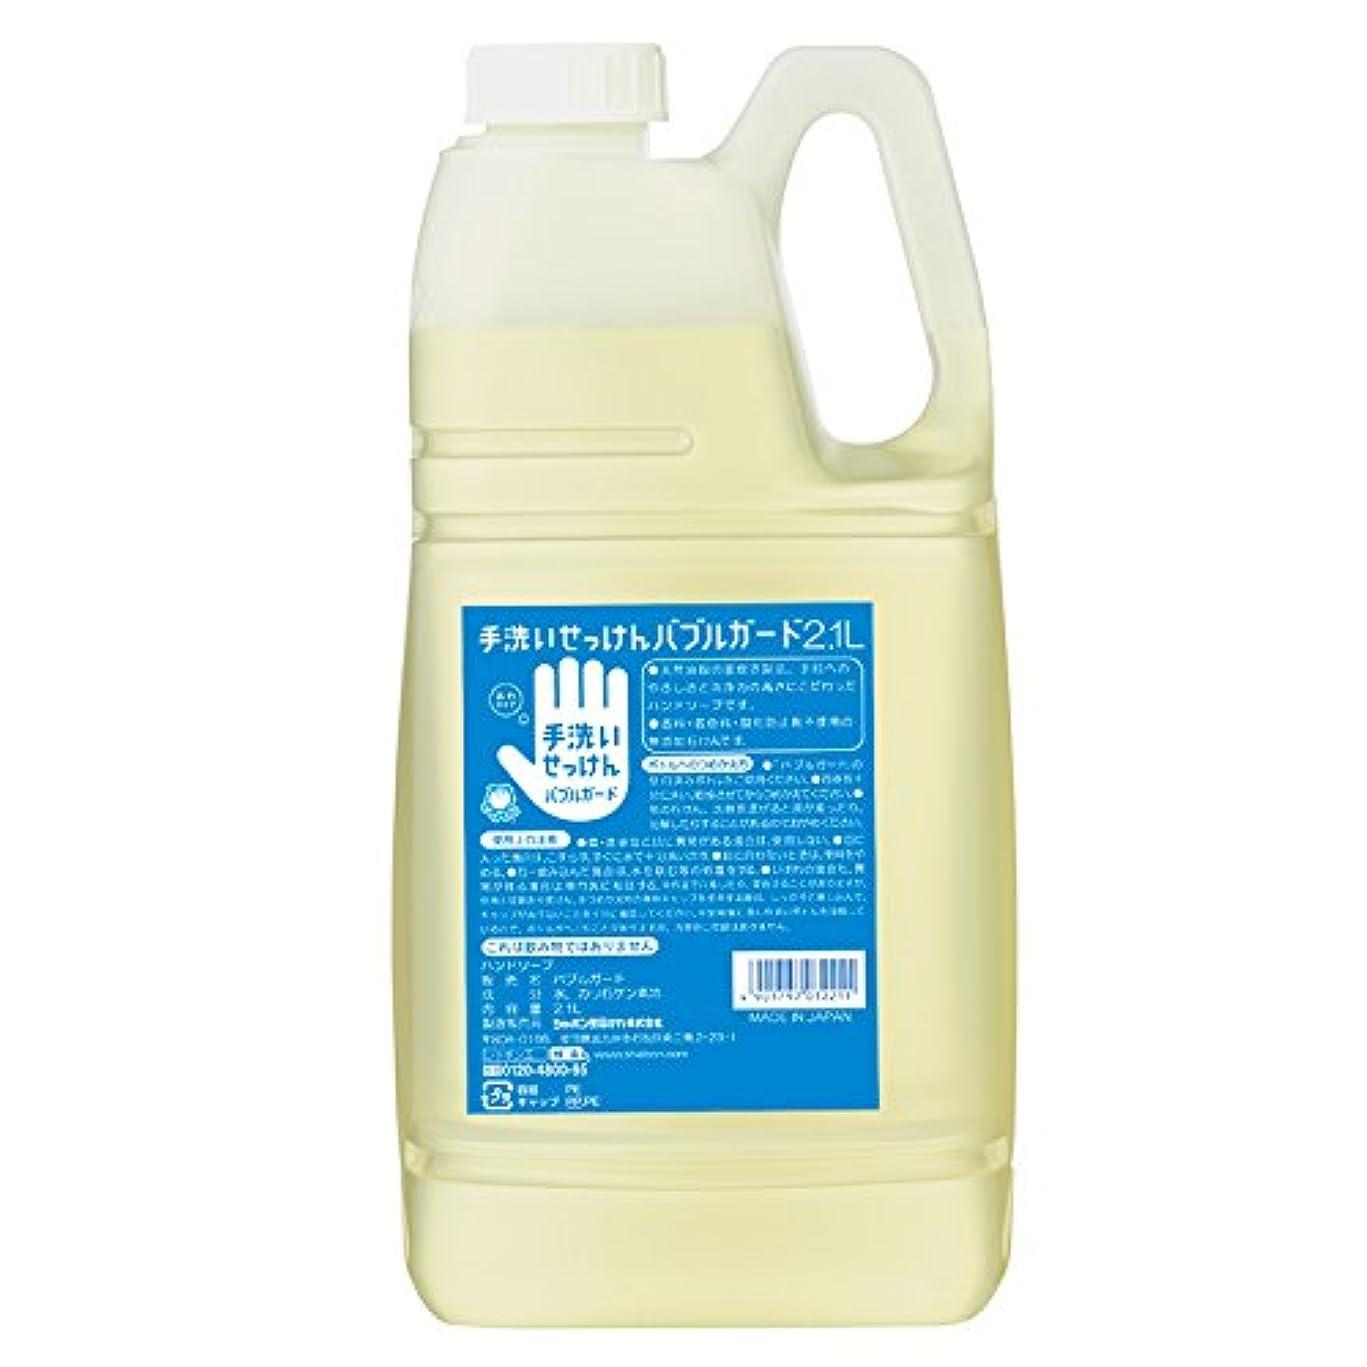 寛解ジョグ溶融シャボン玉石けん 手洗いせっけん?ハンドソープ バブルガード 2.1L